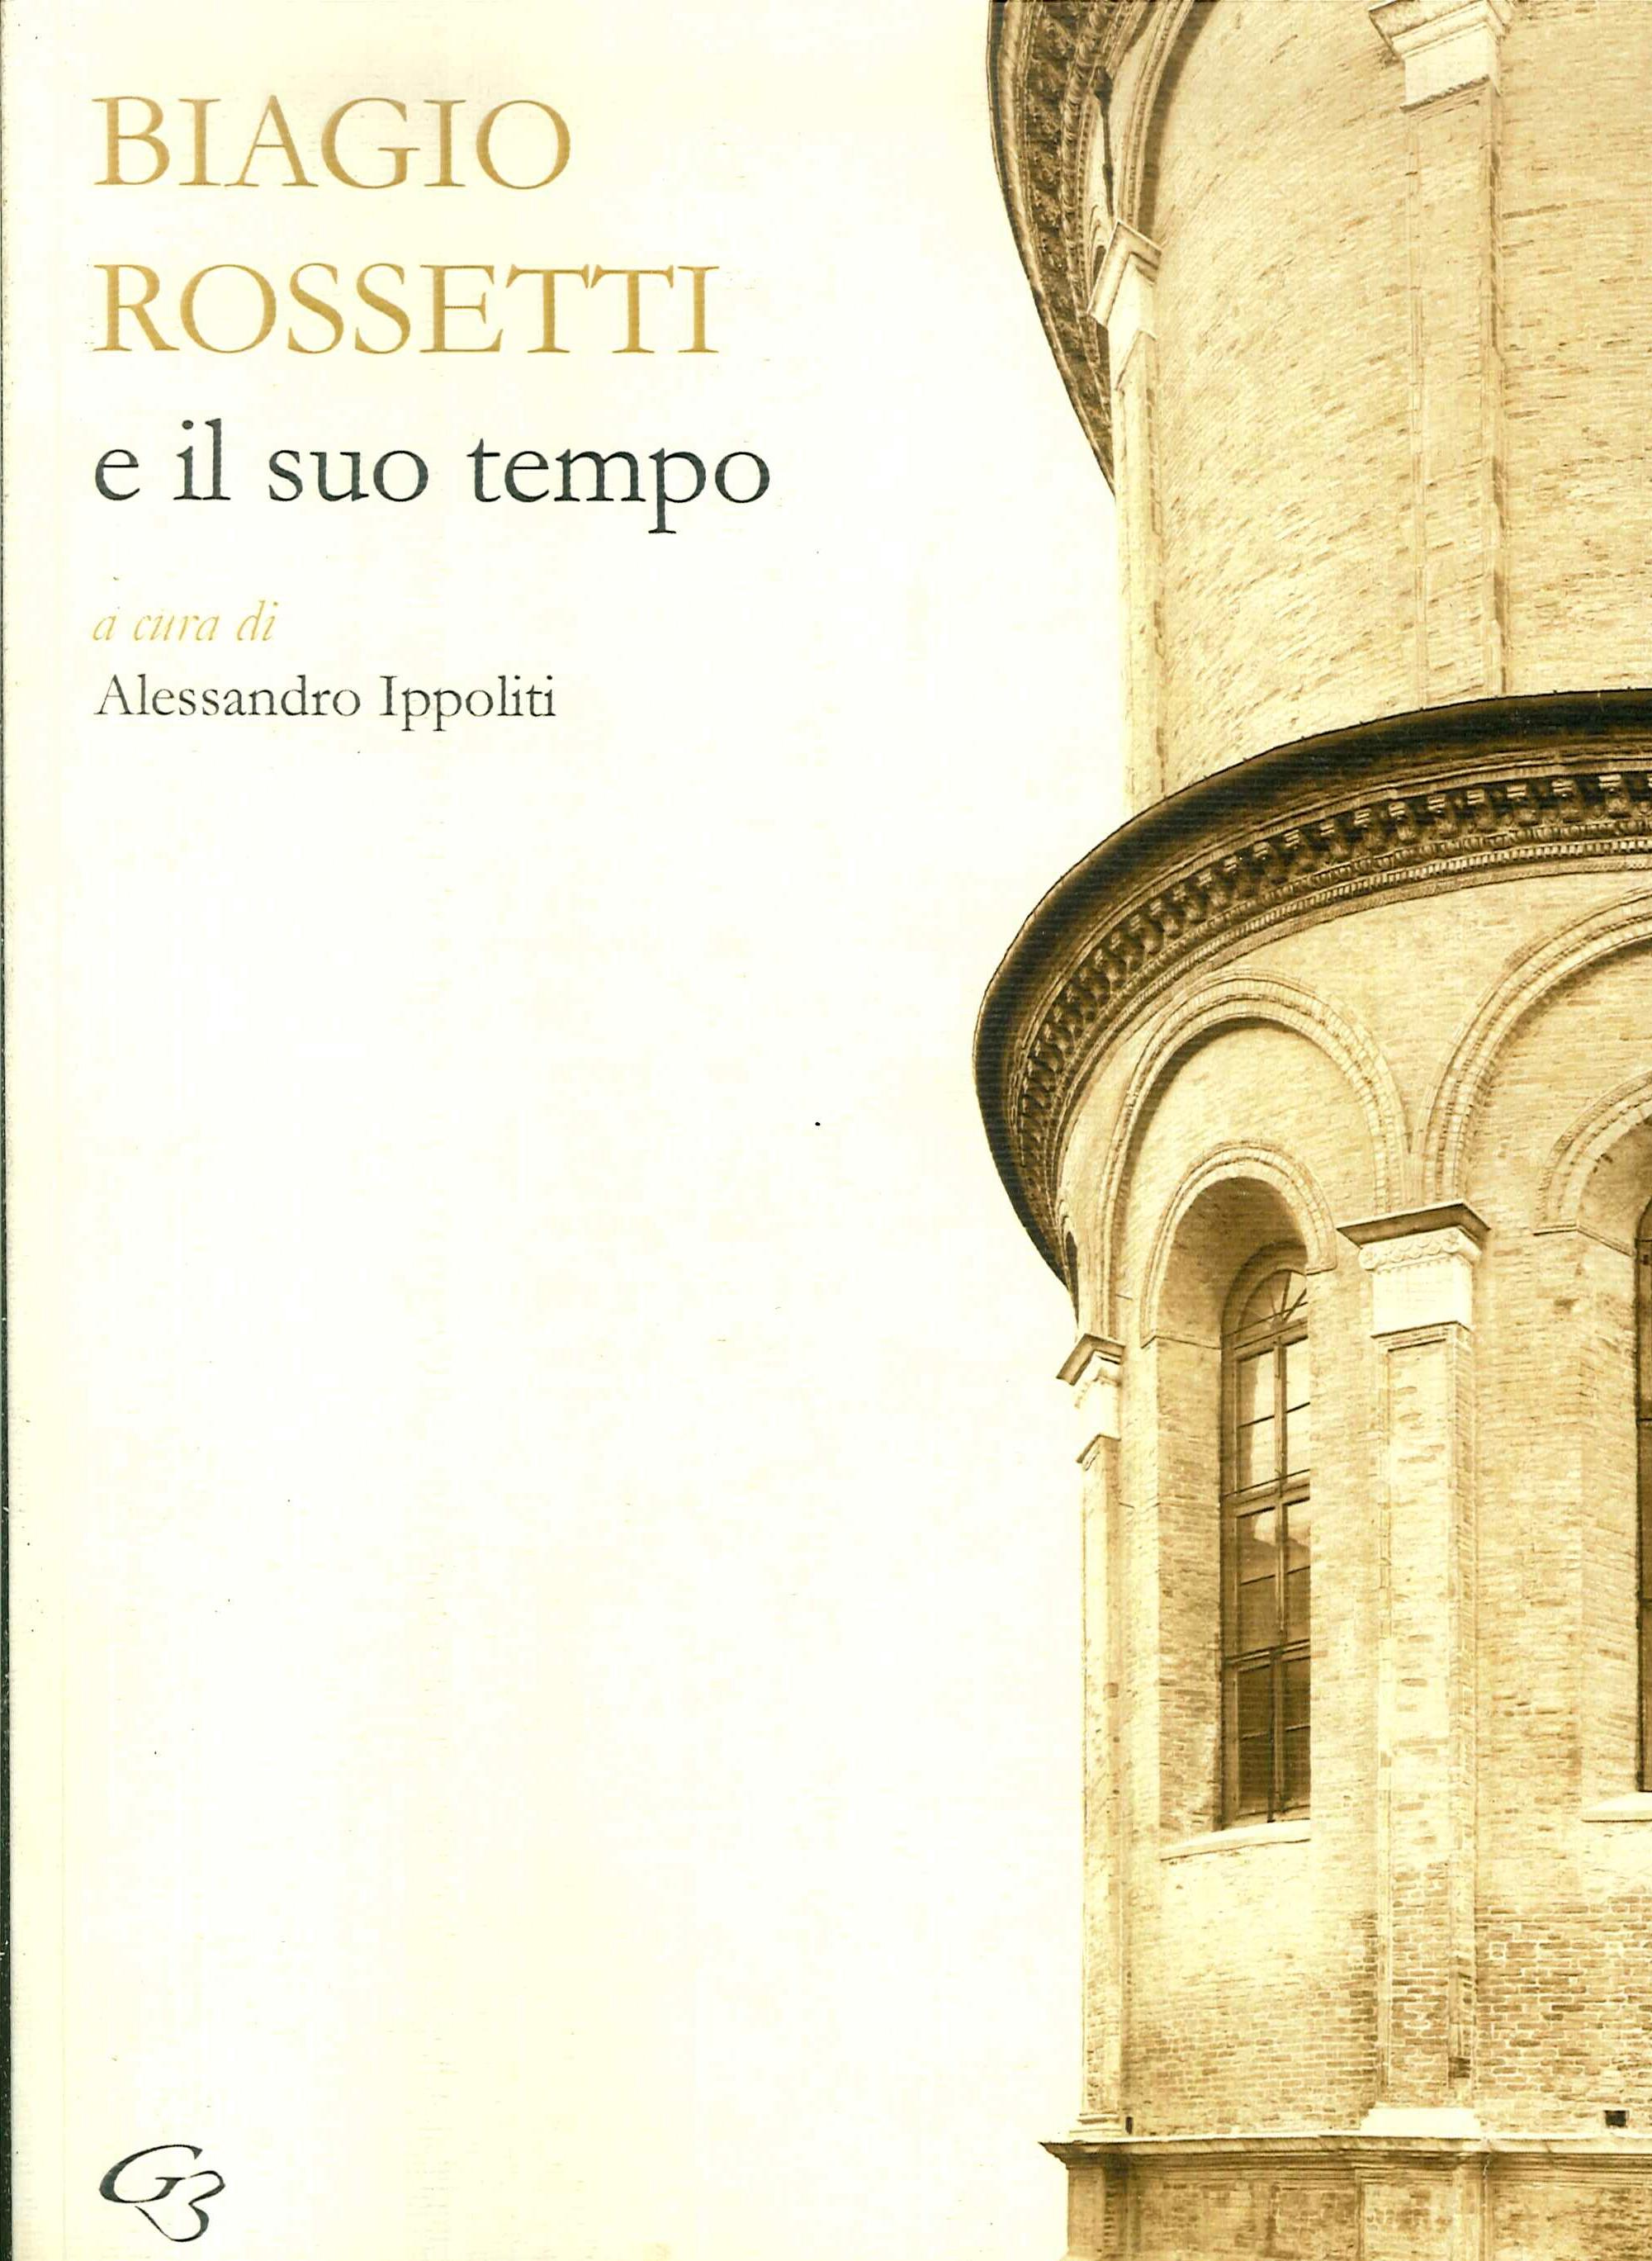 Biagio Rossetti e il suo tempo